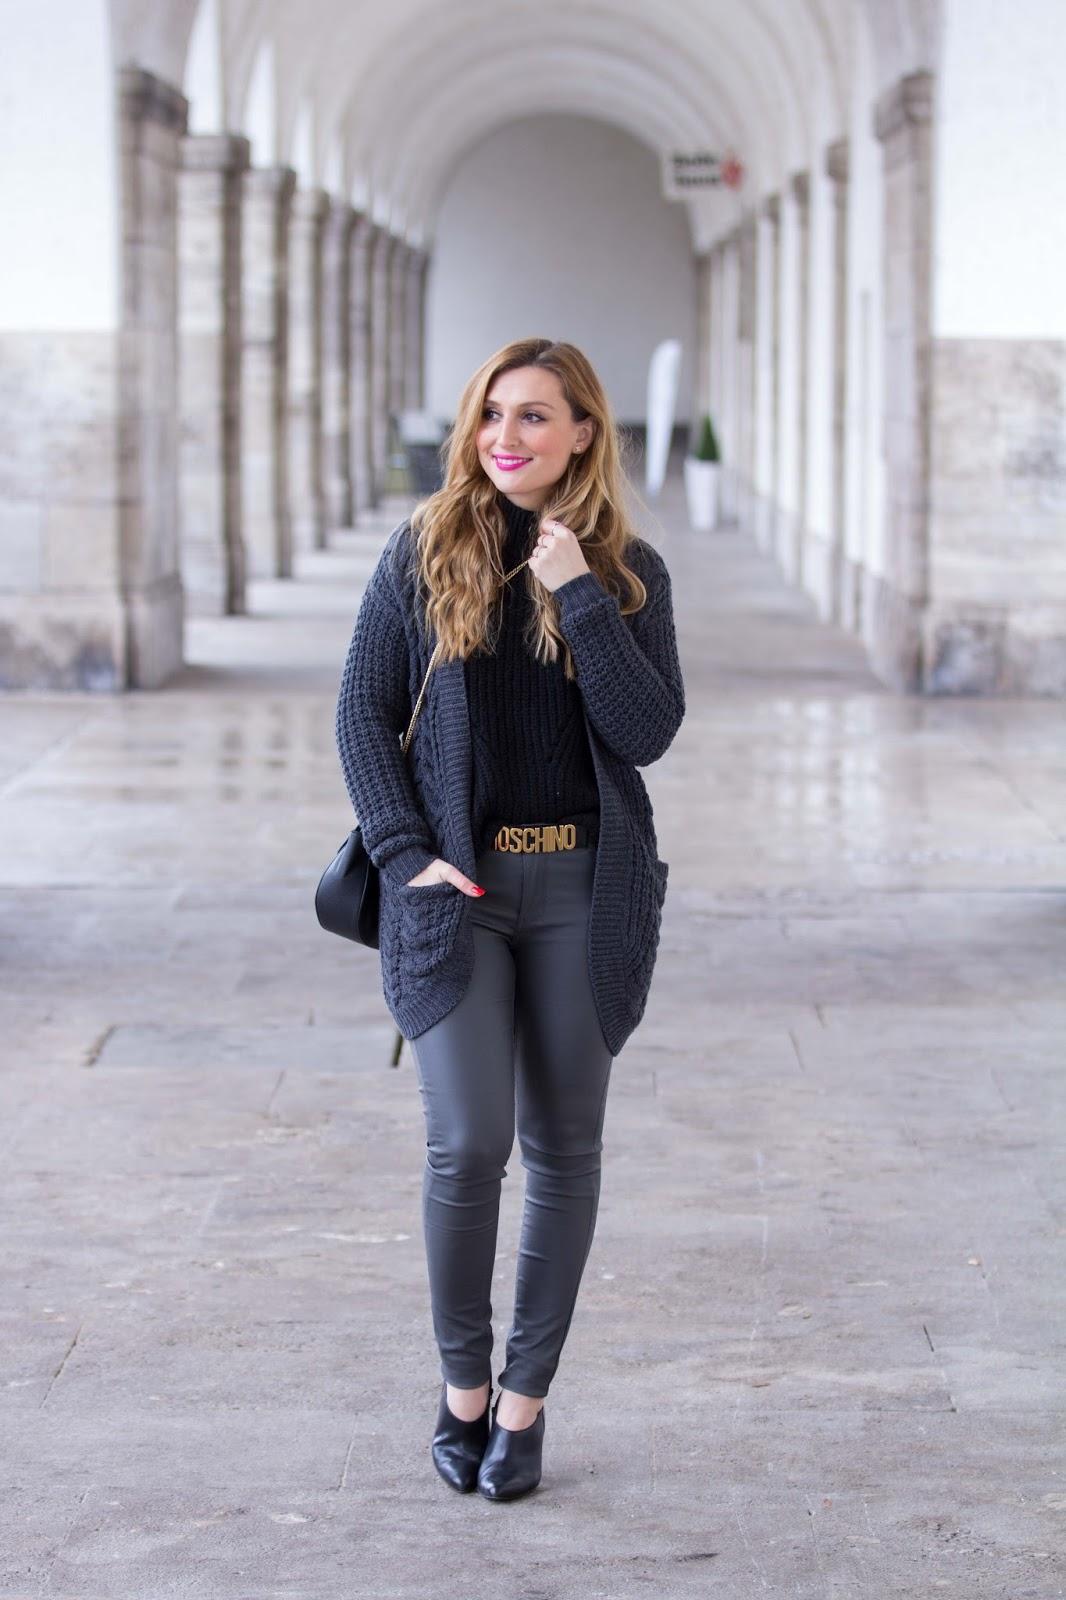 Casual-look-outfitispiration-winter-blogger-fashionstylebyjohanna-chloe-drew-lifestyleblogger-frankfurt-fashionblogger-blogger-aus-deutschland-deutsche-fashionblogger